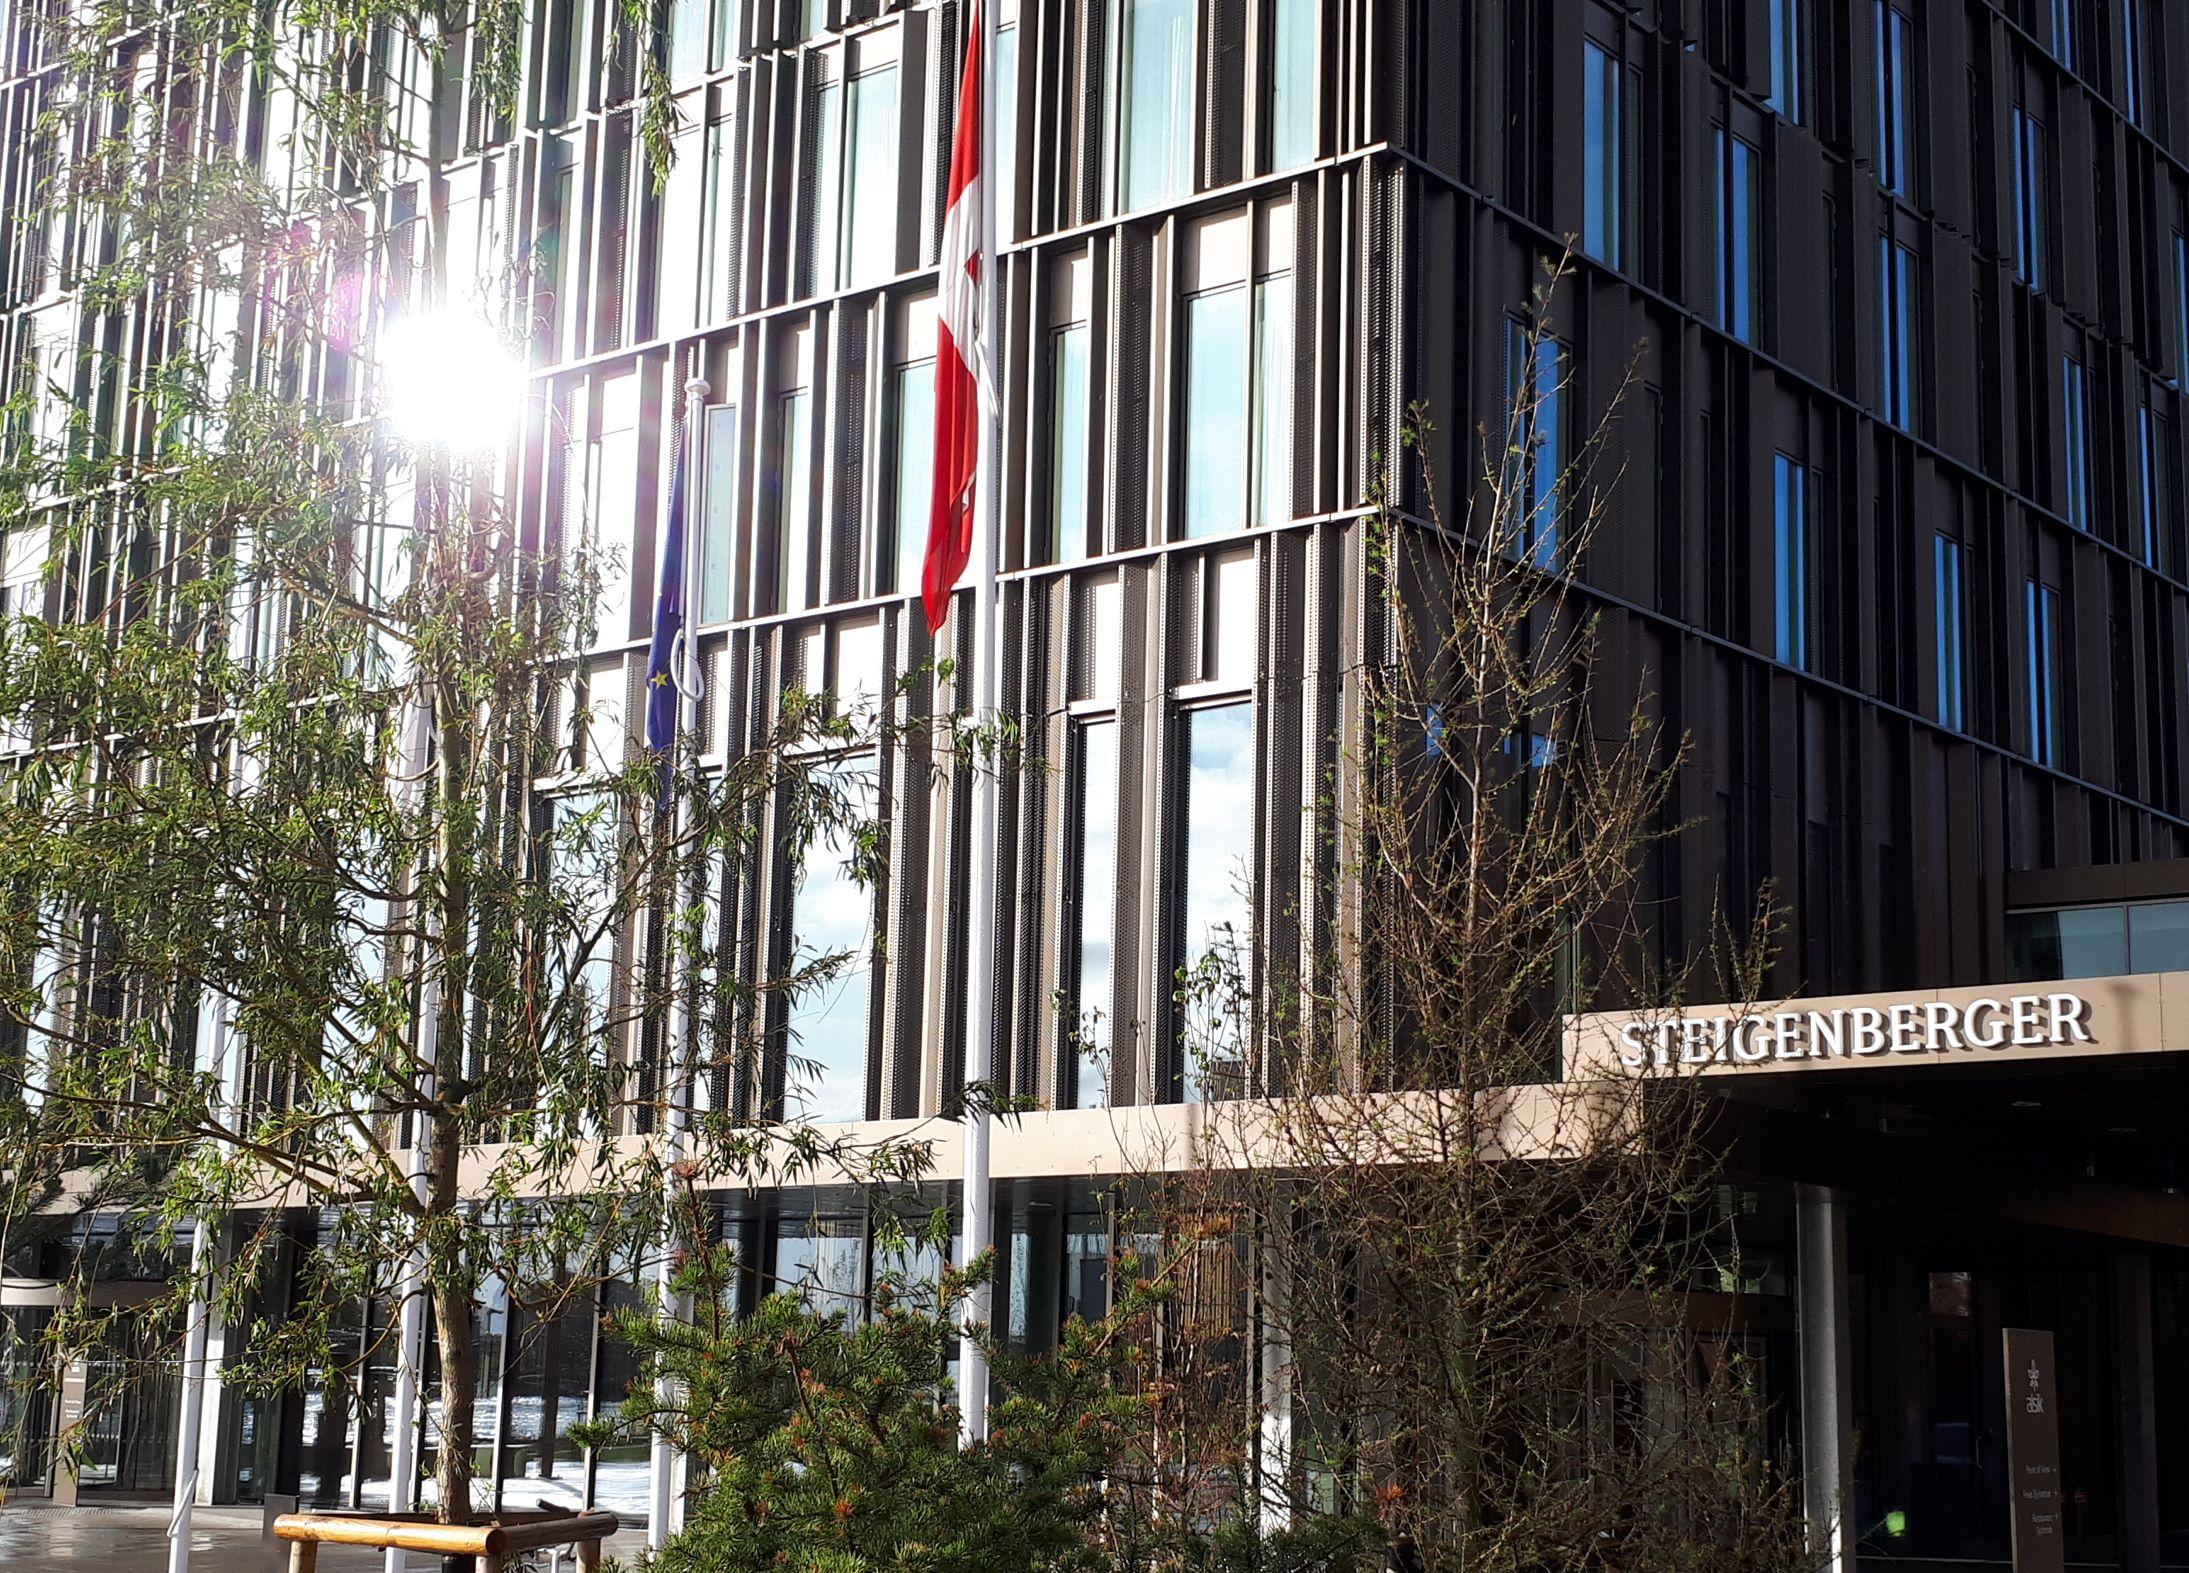 Den tyske hotelkæde Deutsche Hospitality er netop blevet købt af kinesiske Huazhu Group – blandt varemærkerne hos Deutsche Hospitality er Steigenberger, der foreløbig driver ét hotel i Danmark,Steigenberger Alsik – Hotel & Spa i Sønderborg. Foto: Henrik Baumgarten.